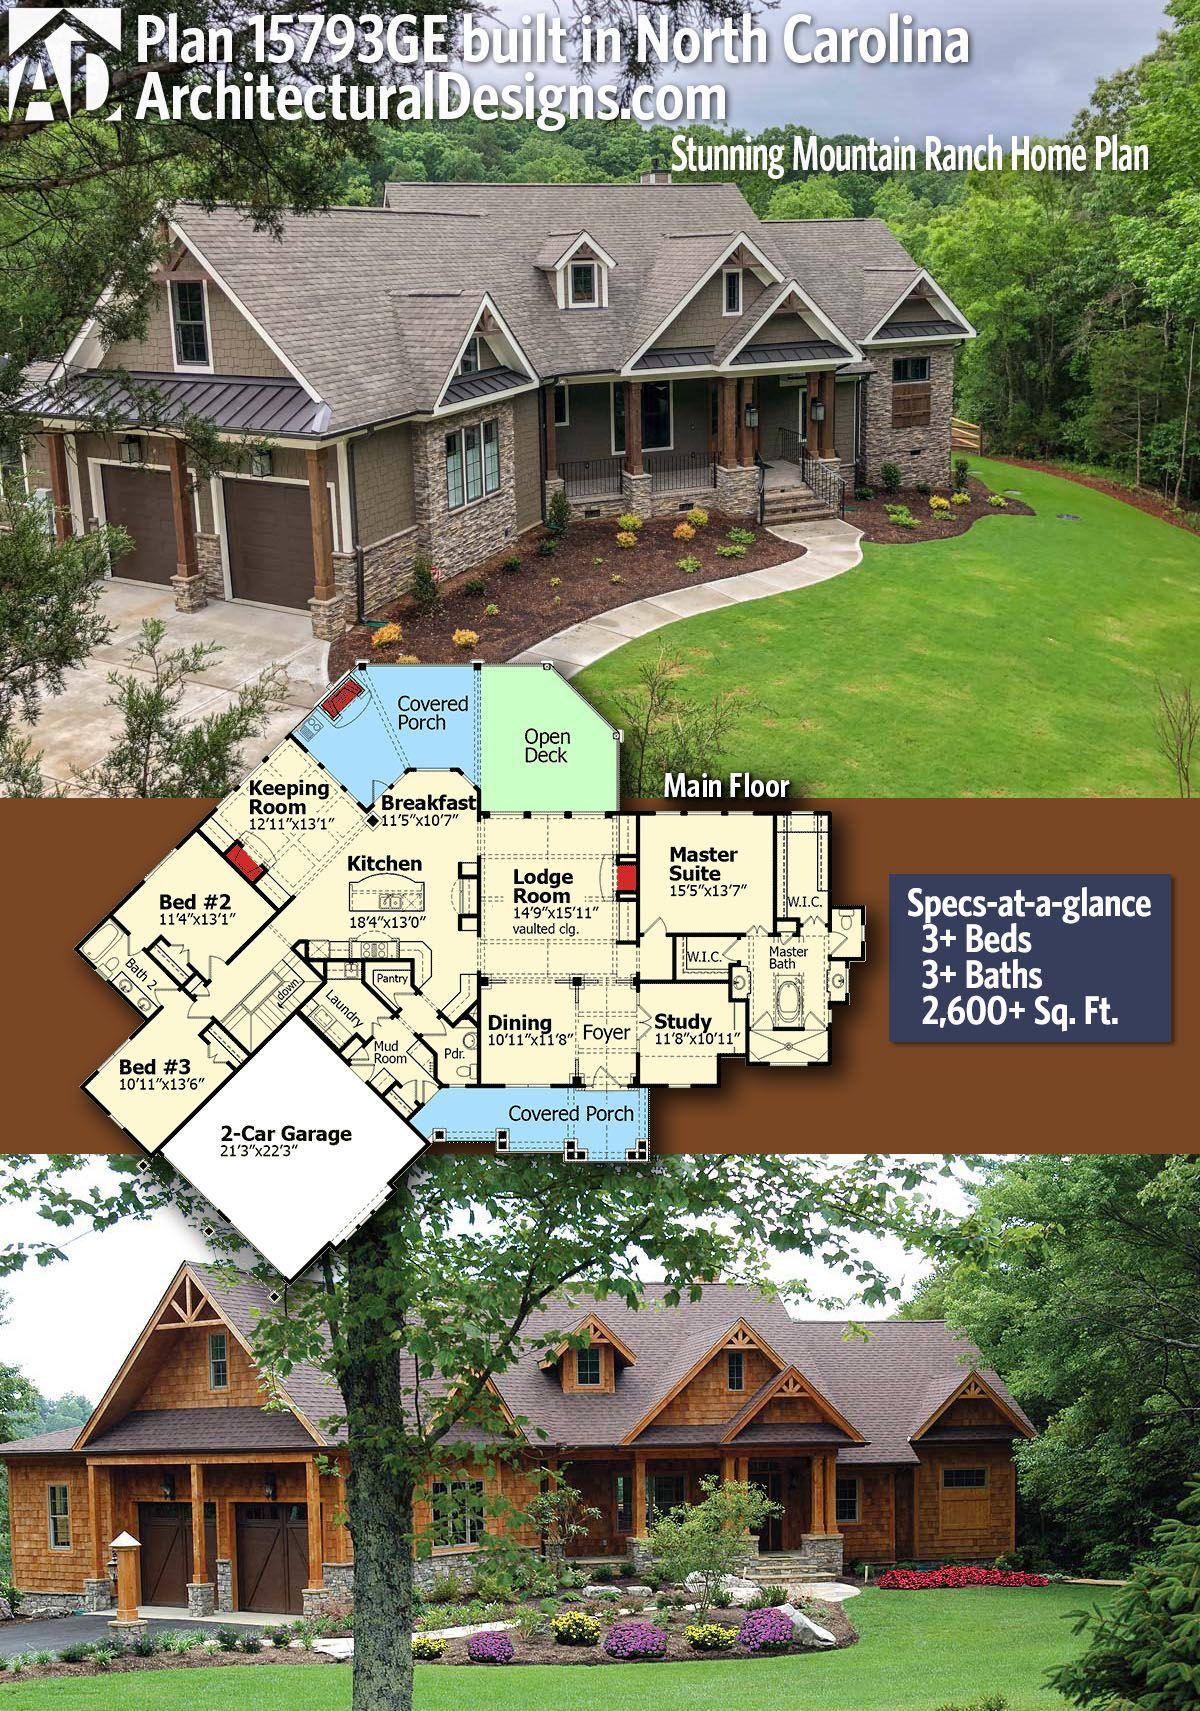 Architectural Design Client Built House Plan 15793ge